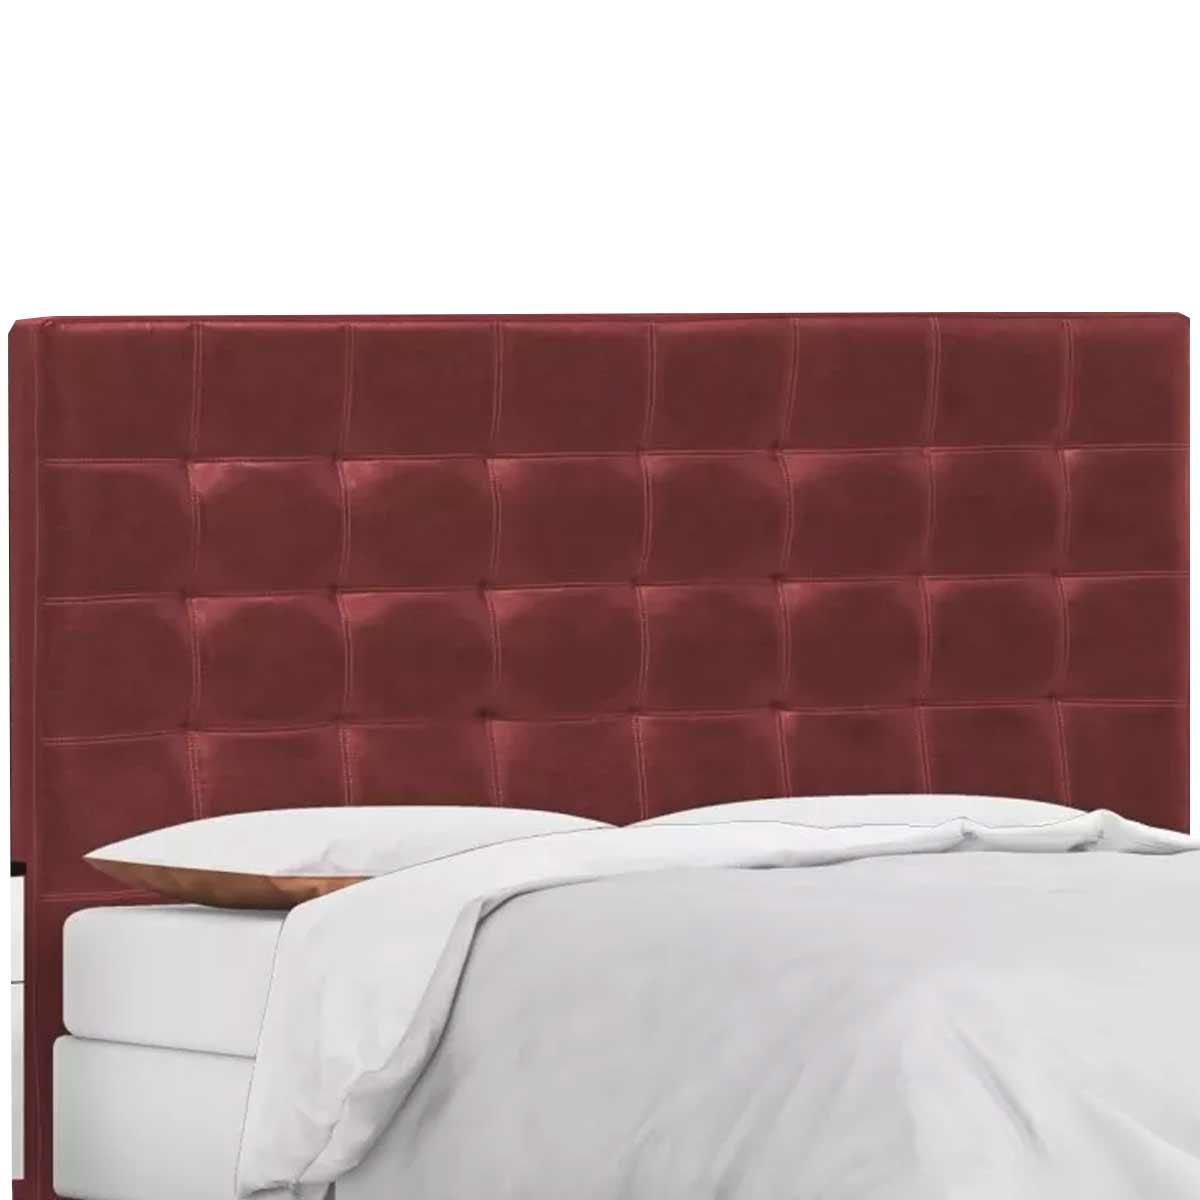 Cabeceira Londres Solteiro 90 cm Couro Sintético Vermelho